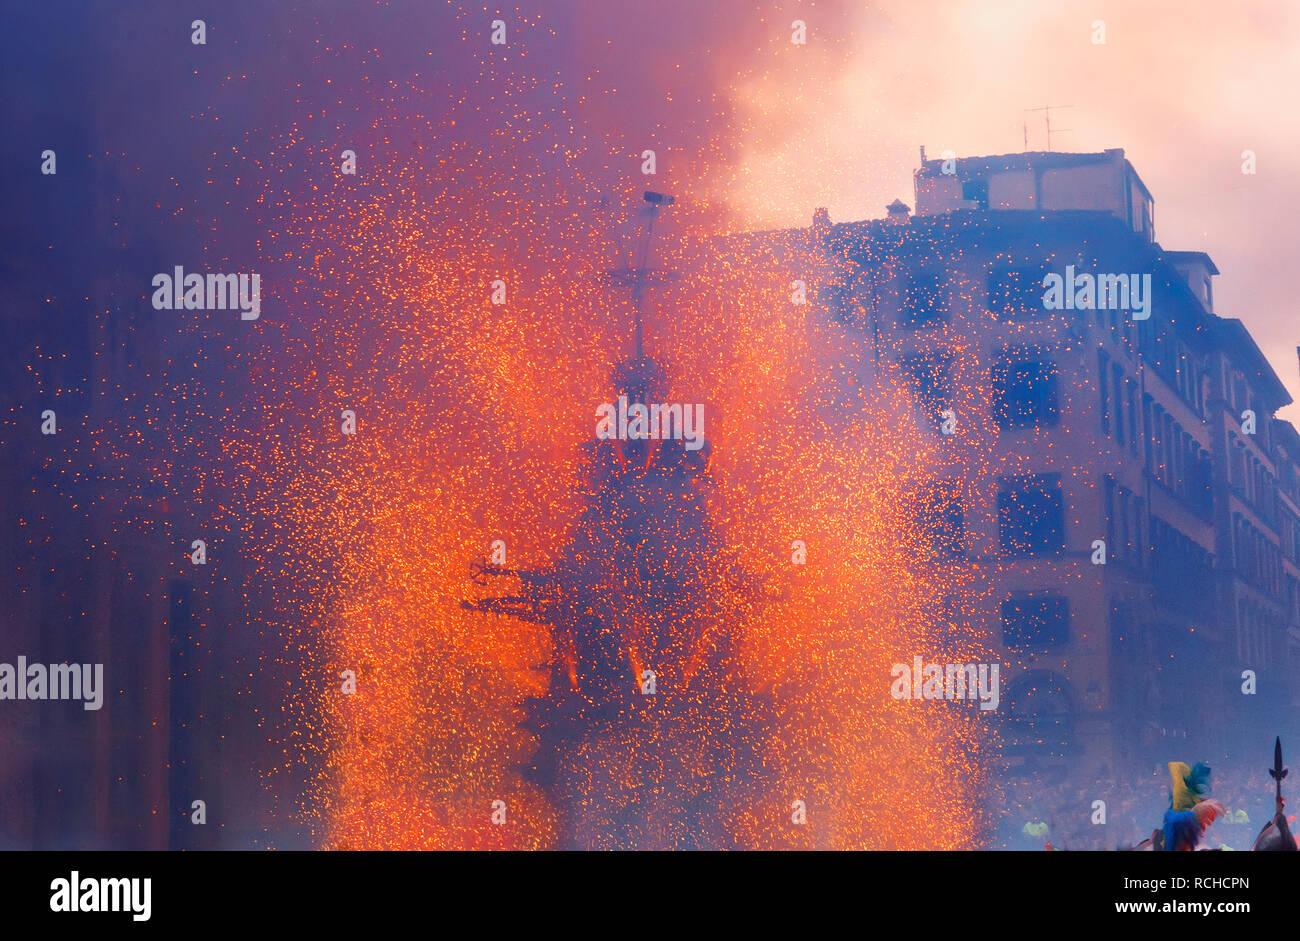 Explosión de fuegos artificiales, el Festival del carro, la Piazza del Duomo, Florencia, Toscana, Italia, Europa Imagen De Stock